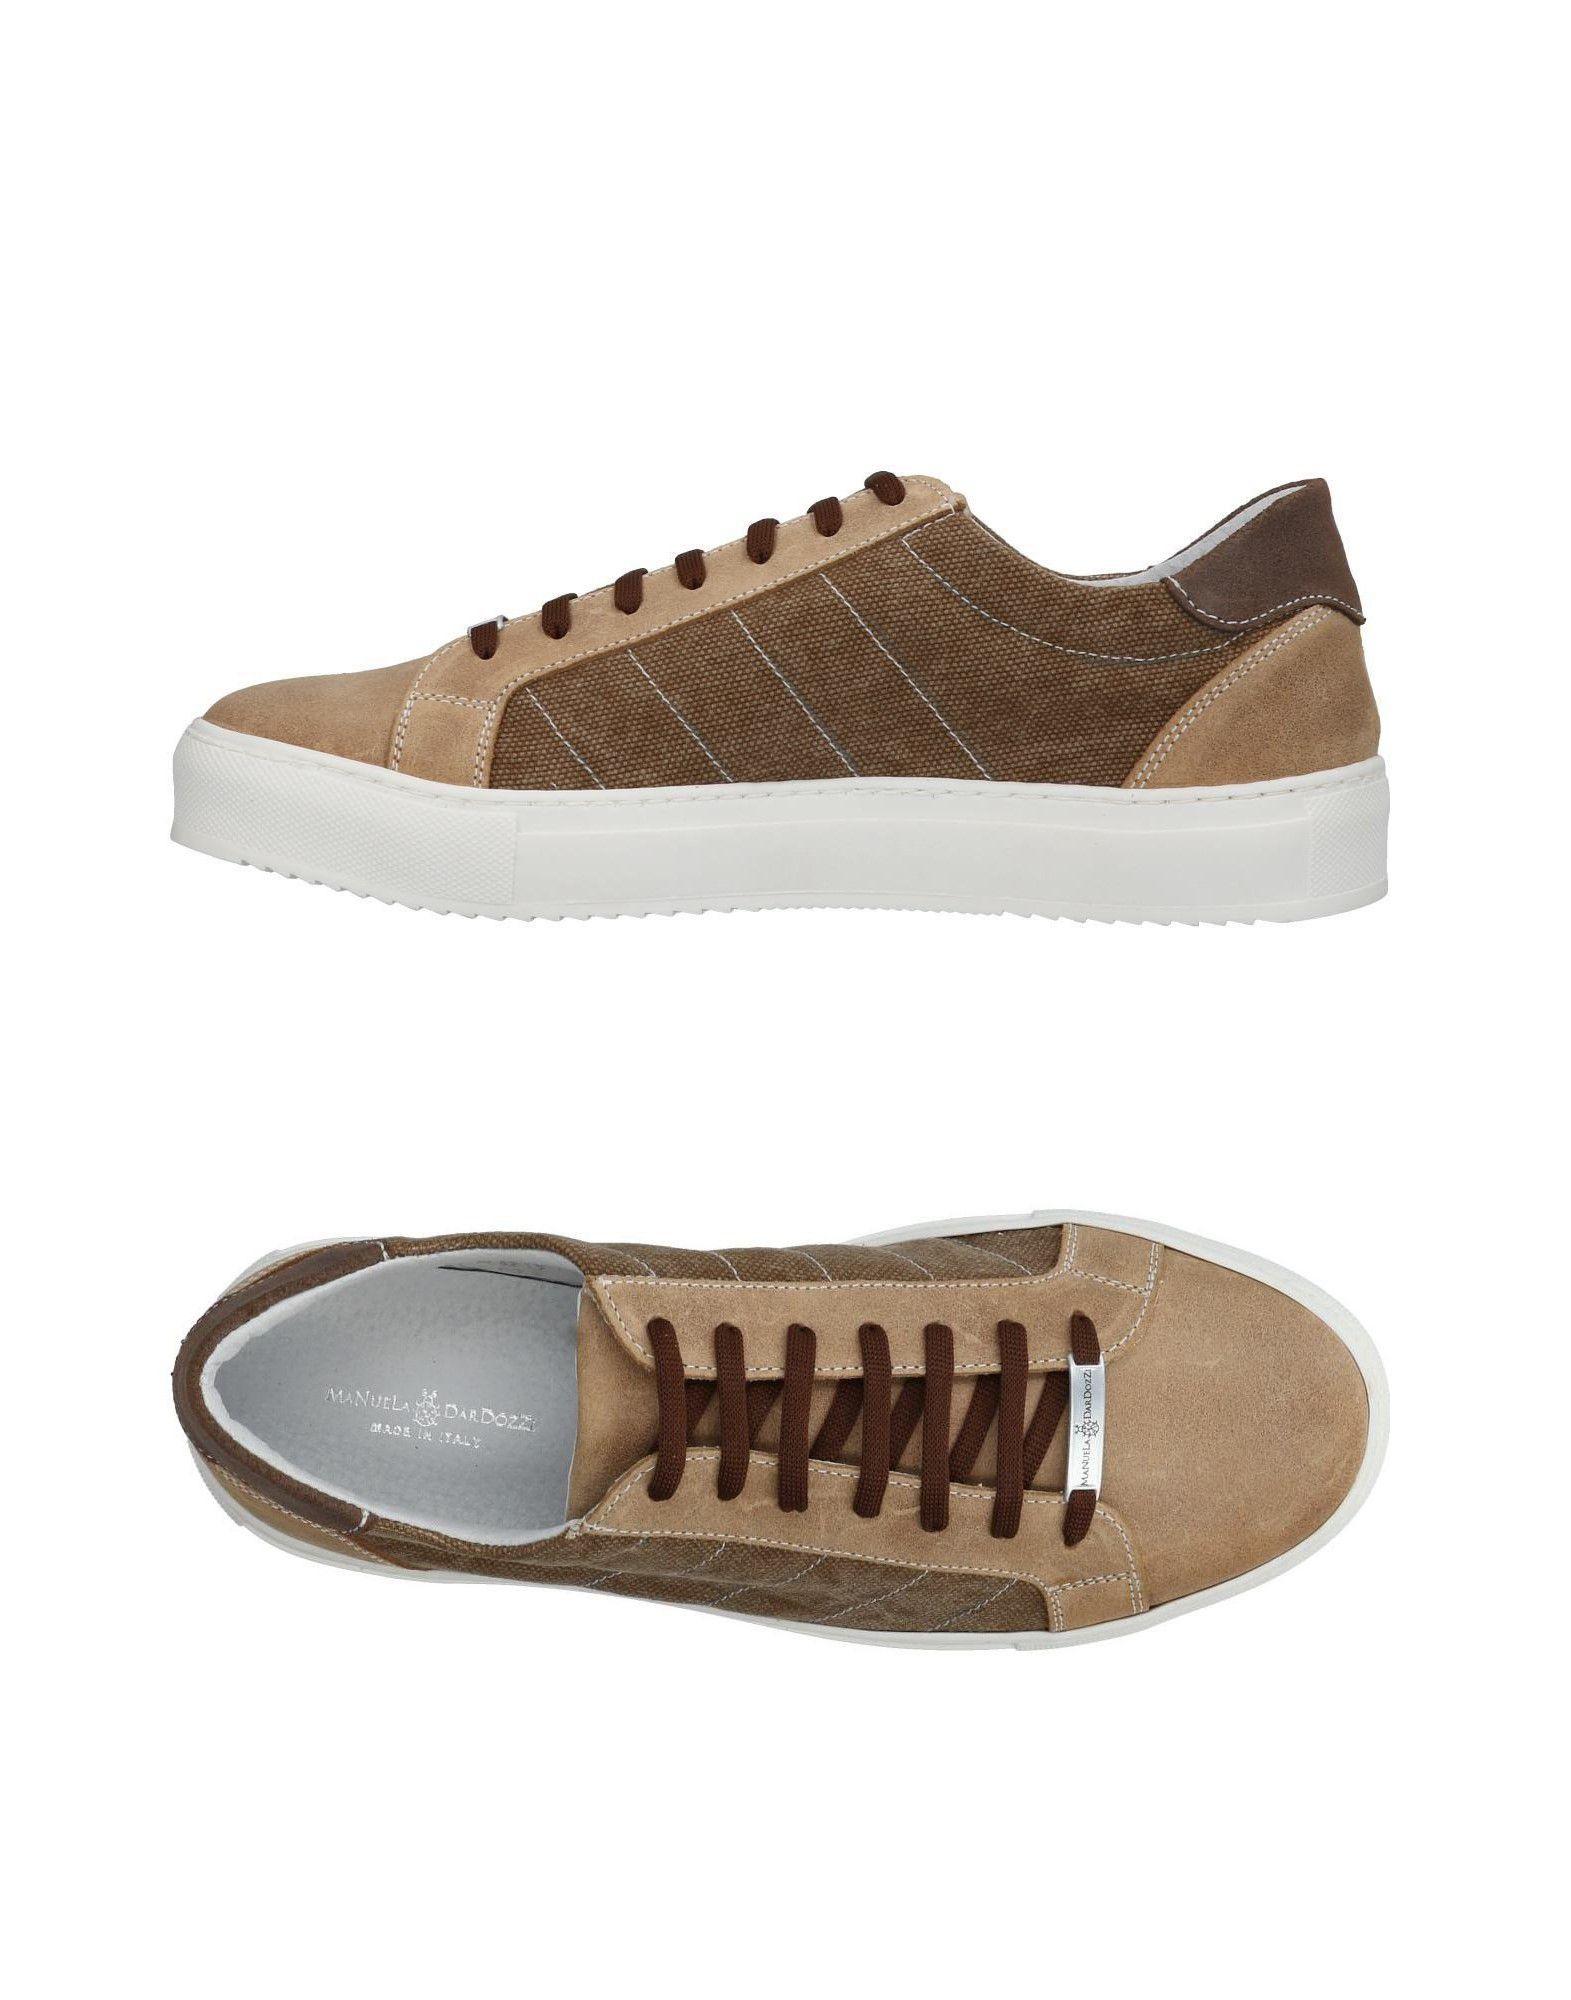 Rabatt echte Schuhe Manuela Dardozzi Sneakers Herren  11423739QO